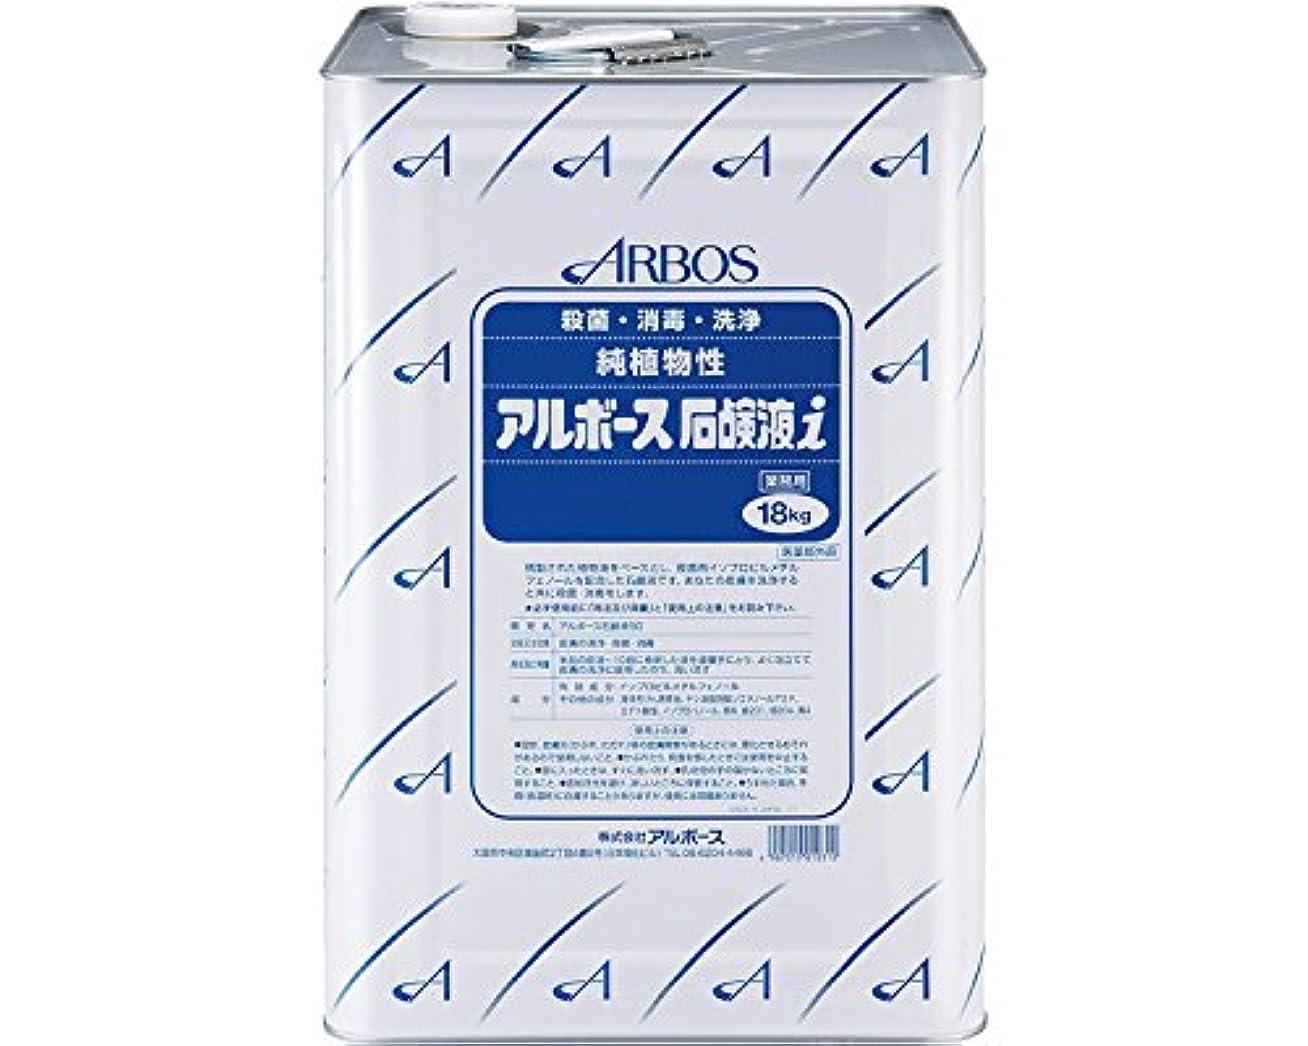 石副詞ベリアルボース石鹸液i 18kg (アルボース)